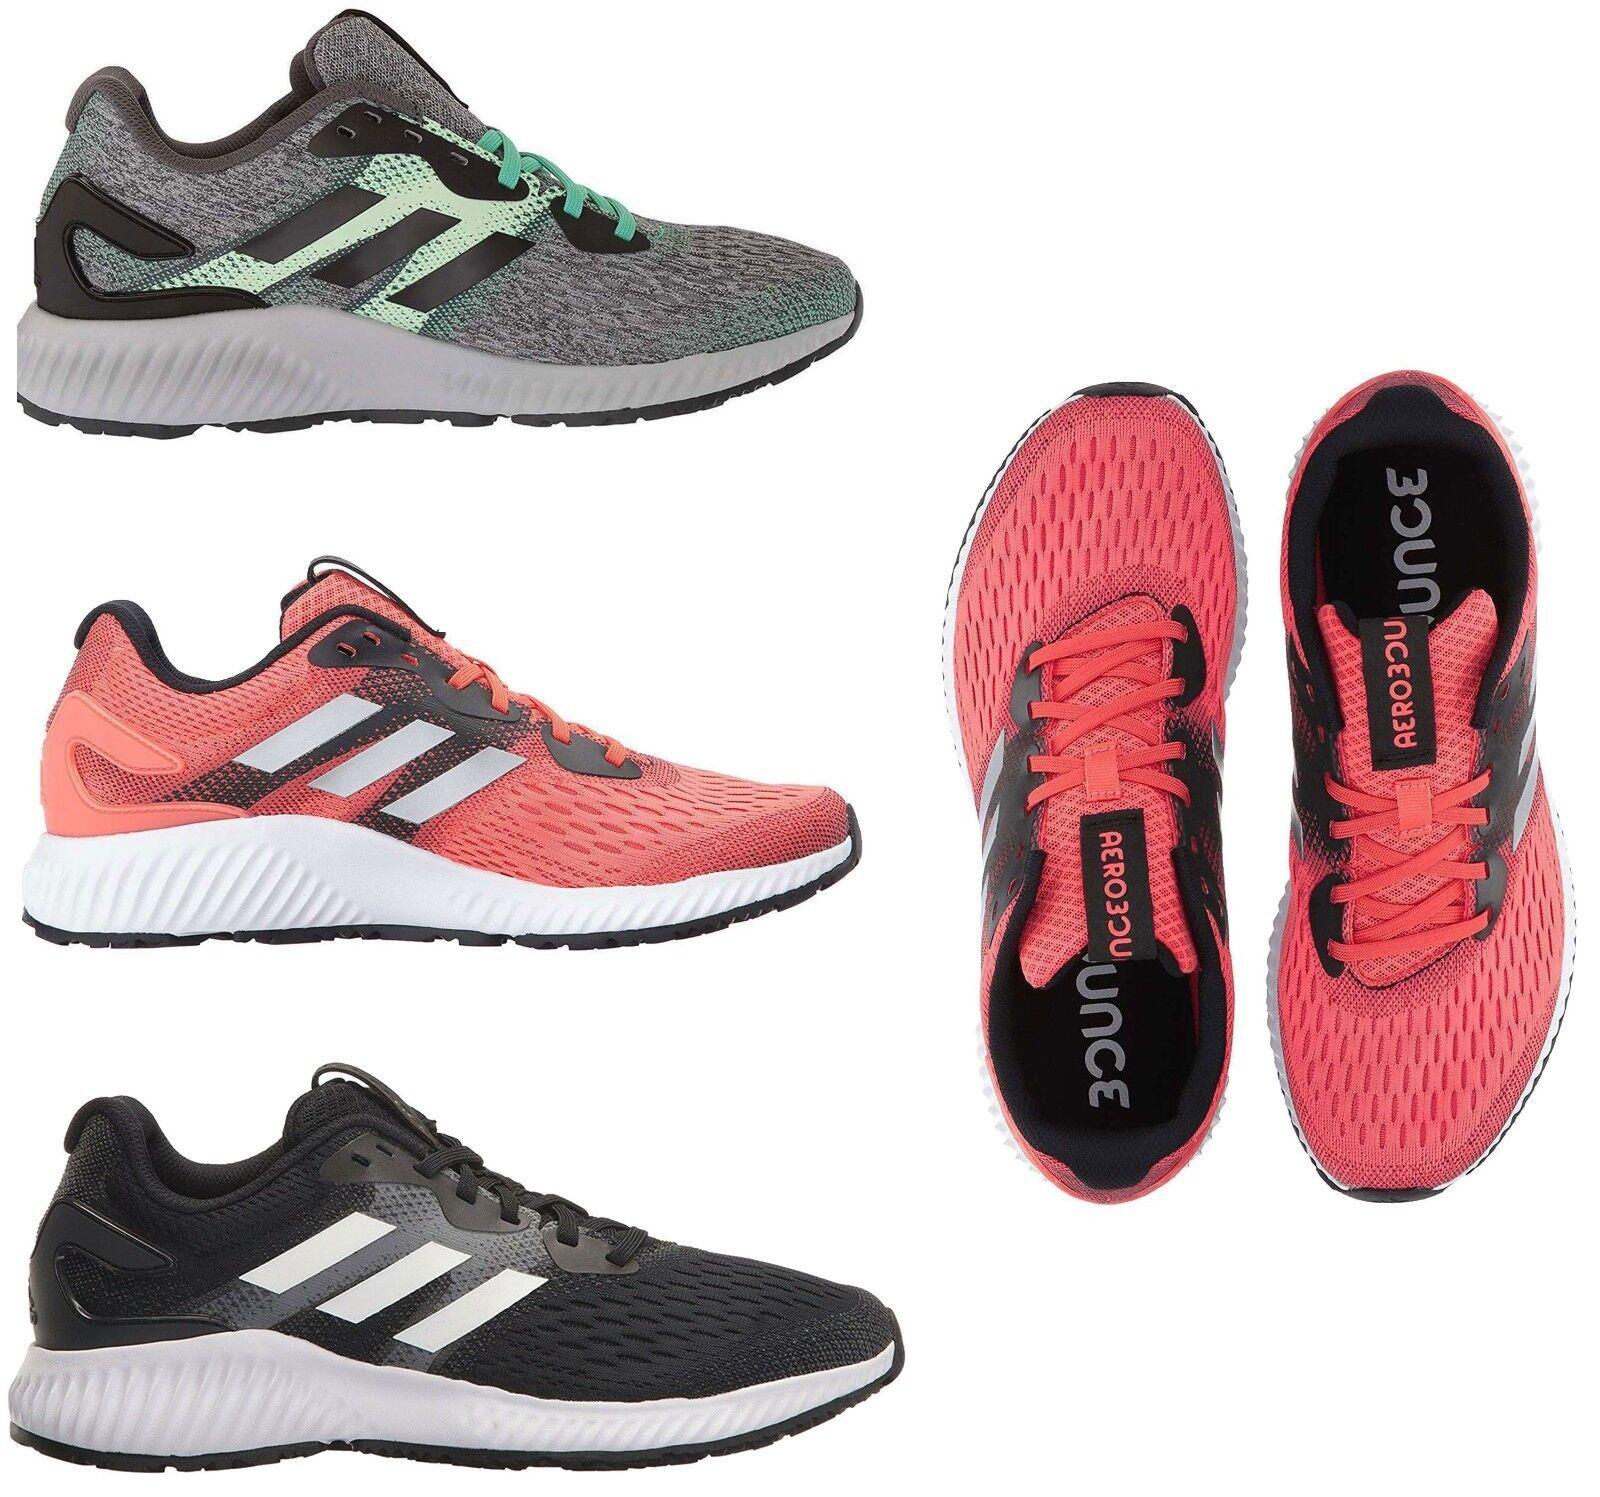 Adidas Mujeres aerobounce Correr Entrenamiento Calzado Tenis Atléticas Sports Gym Nuevo